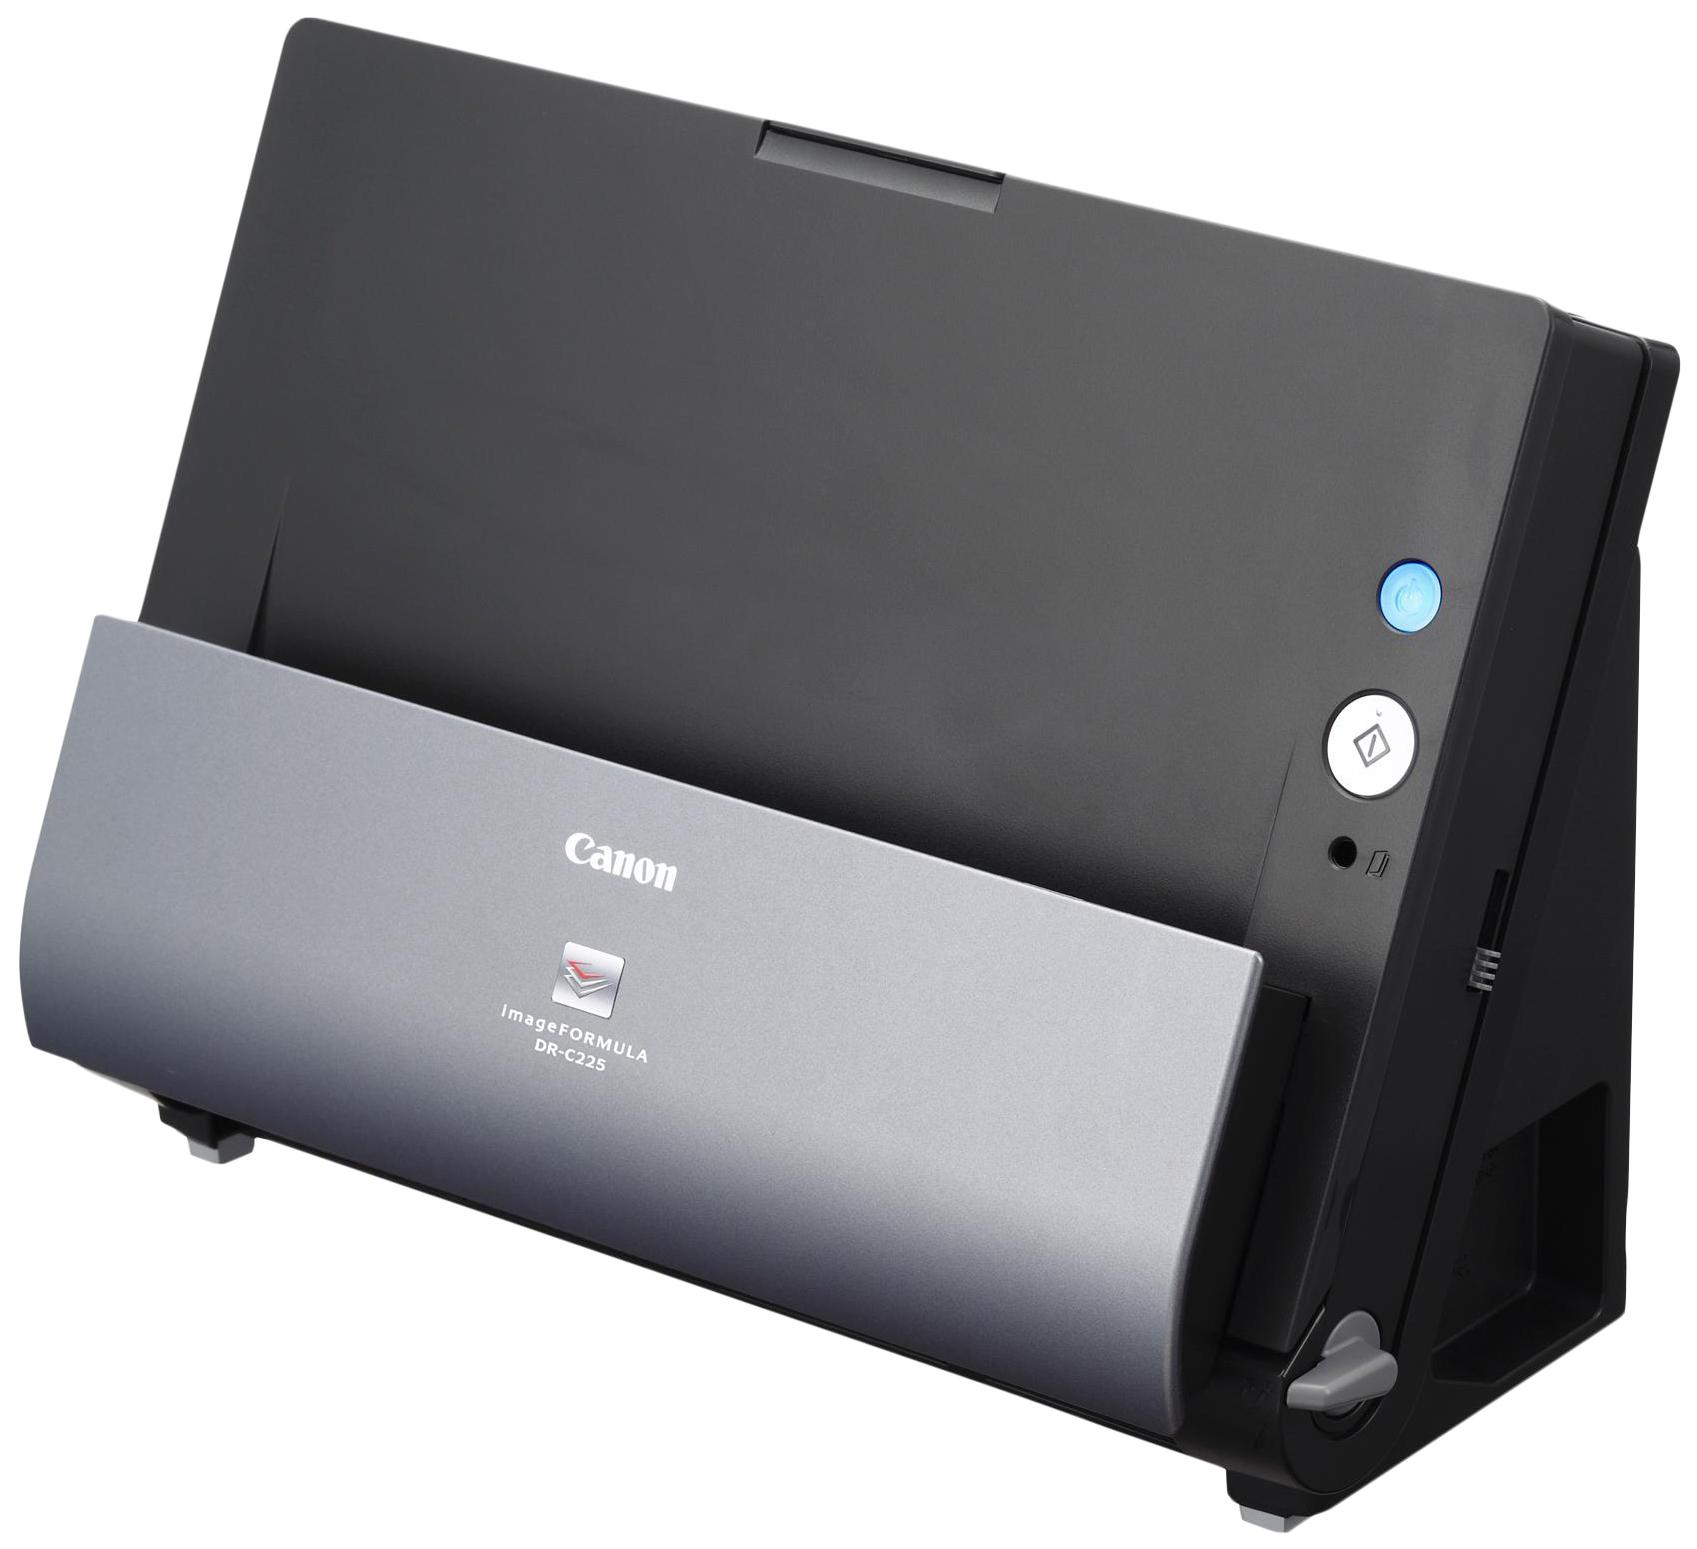 Сканер Canon ImageFORMULA DR C225 9706B003 Черный